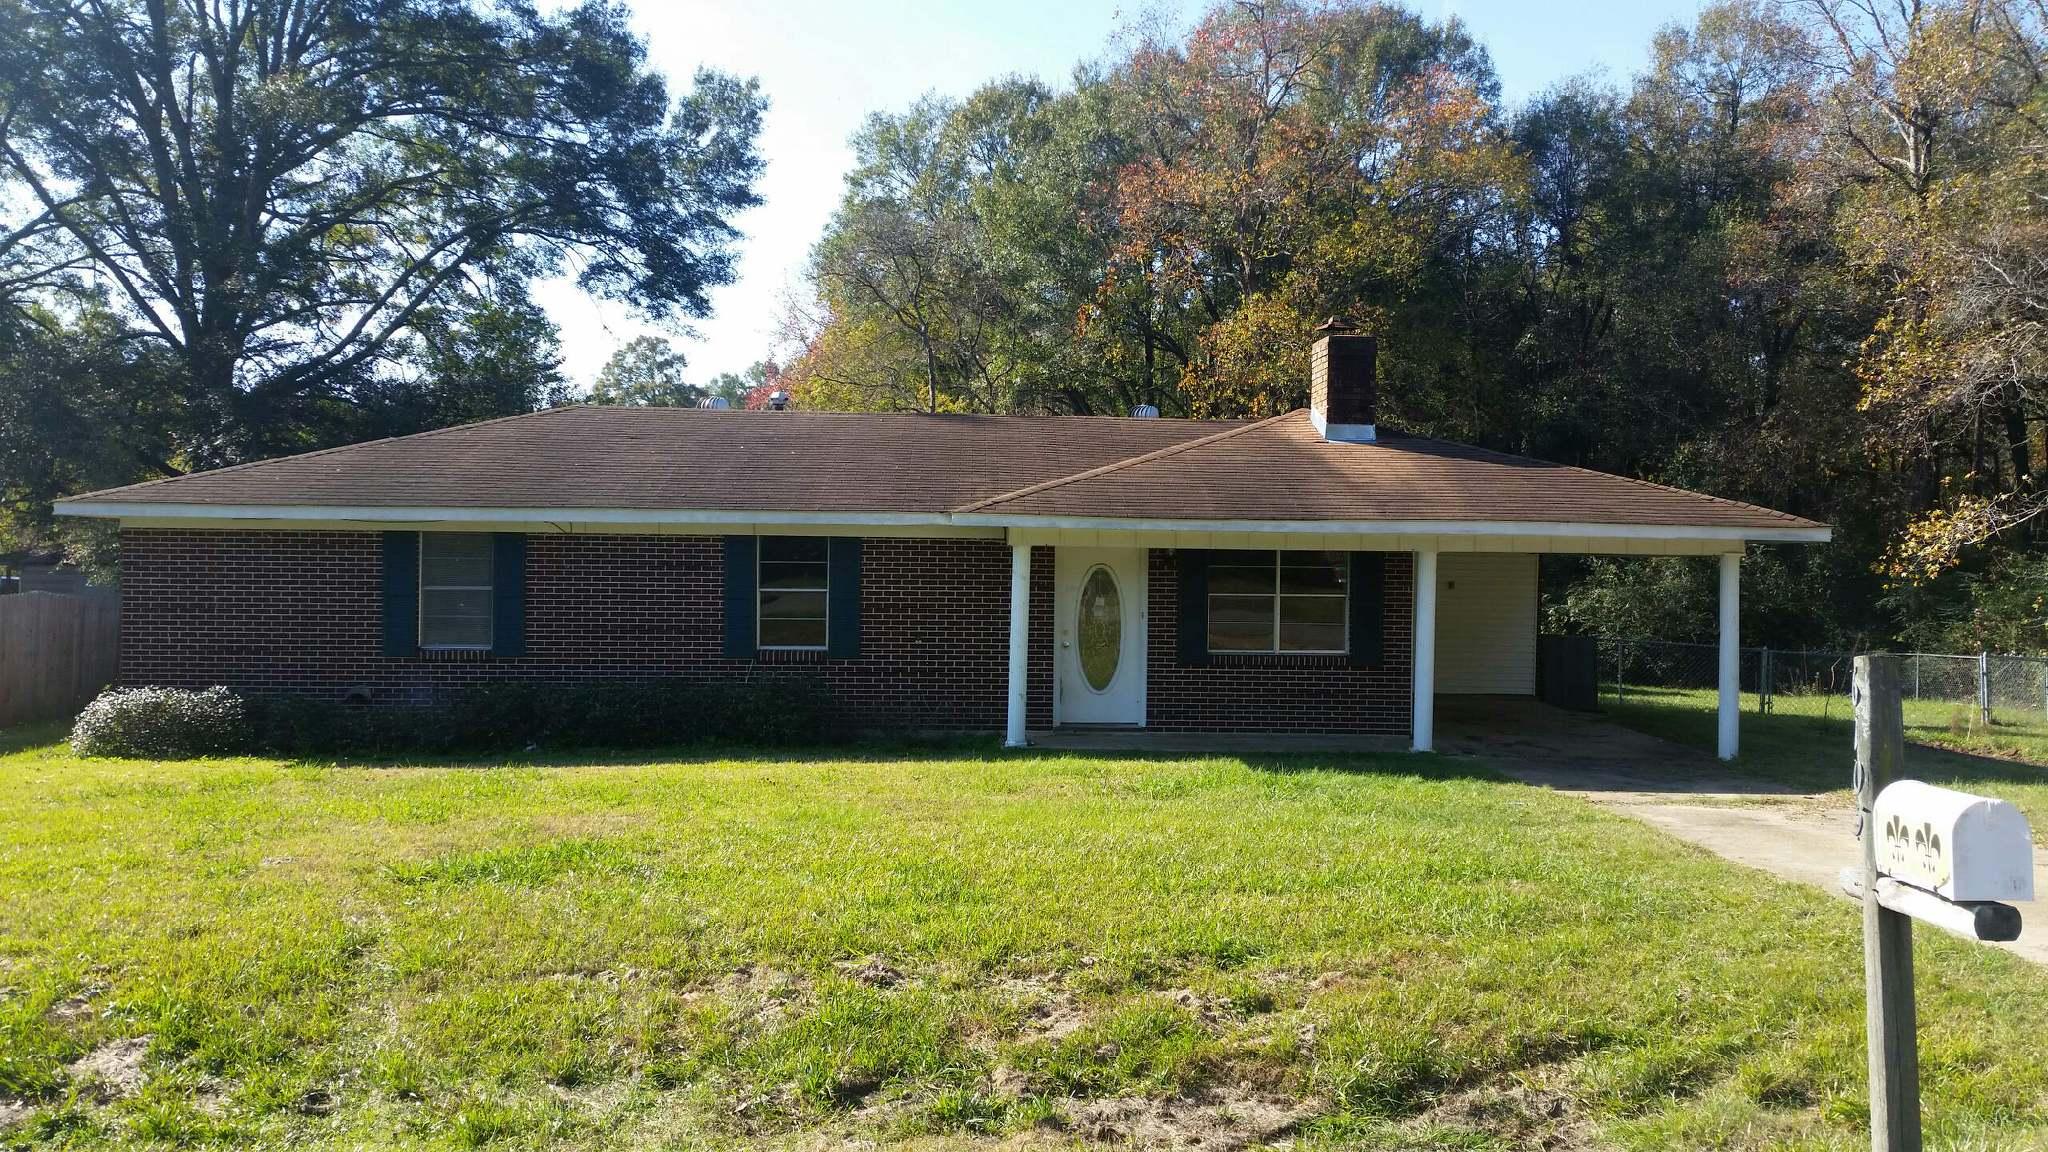 6105 Maxwell Street, Pineville, Louisiana 71360